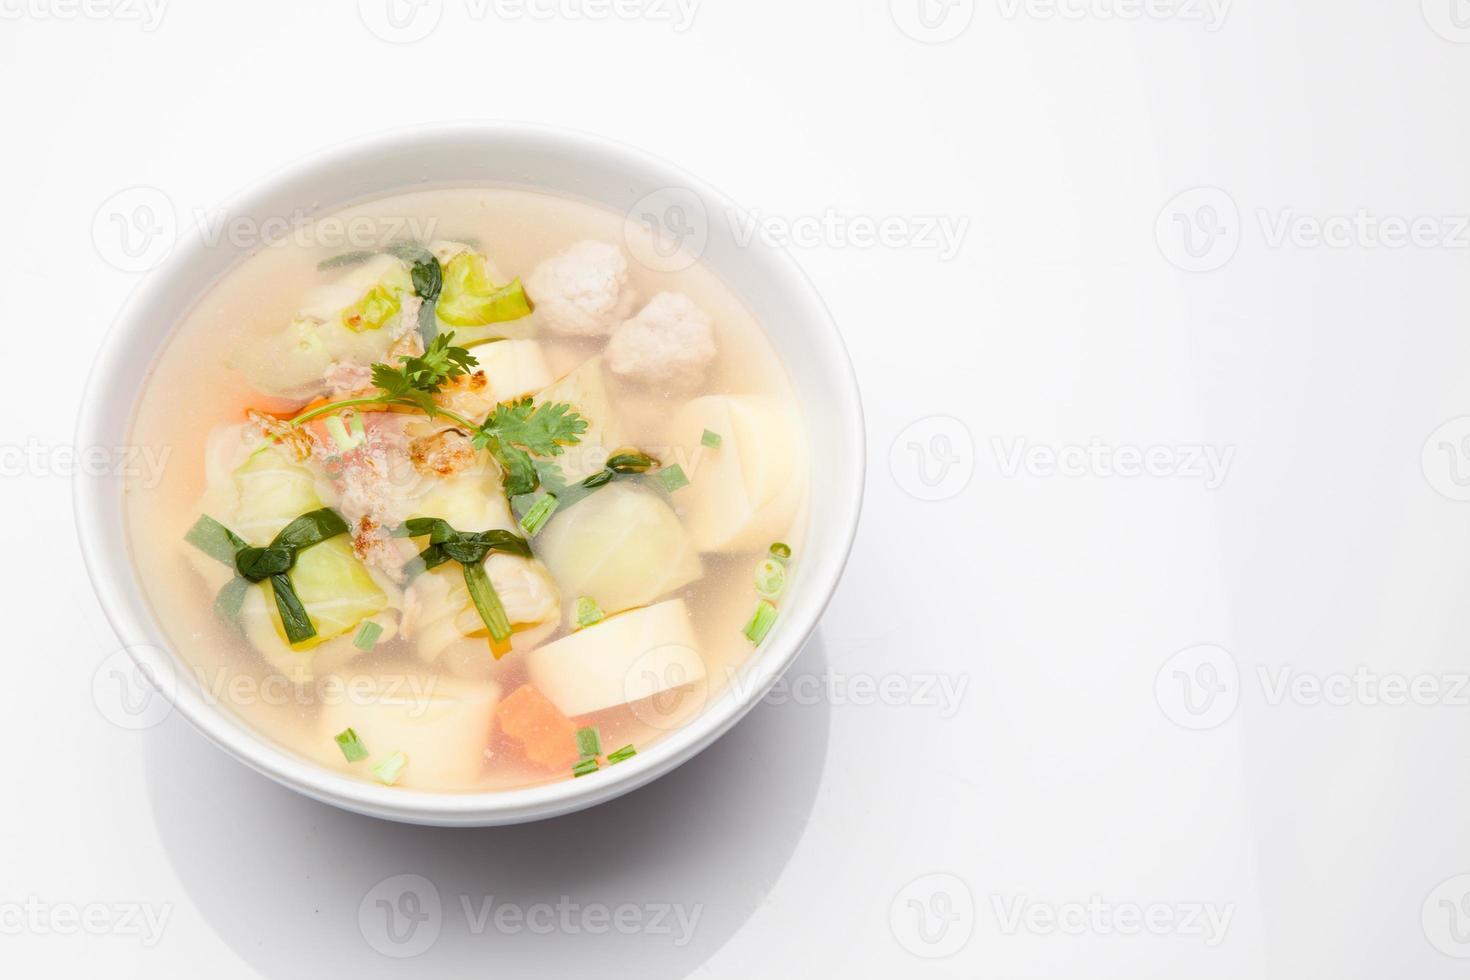 soep met gehakt varkensvlees foto